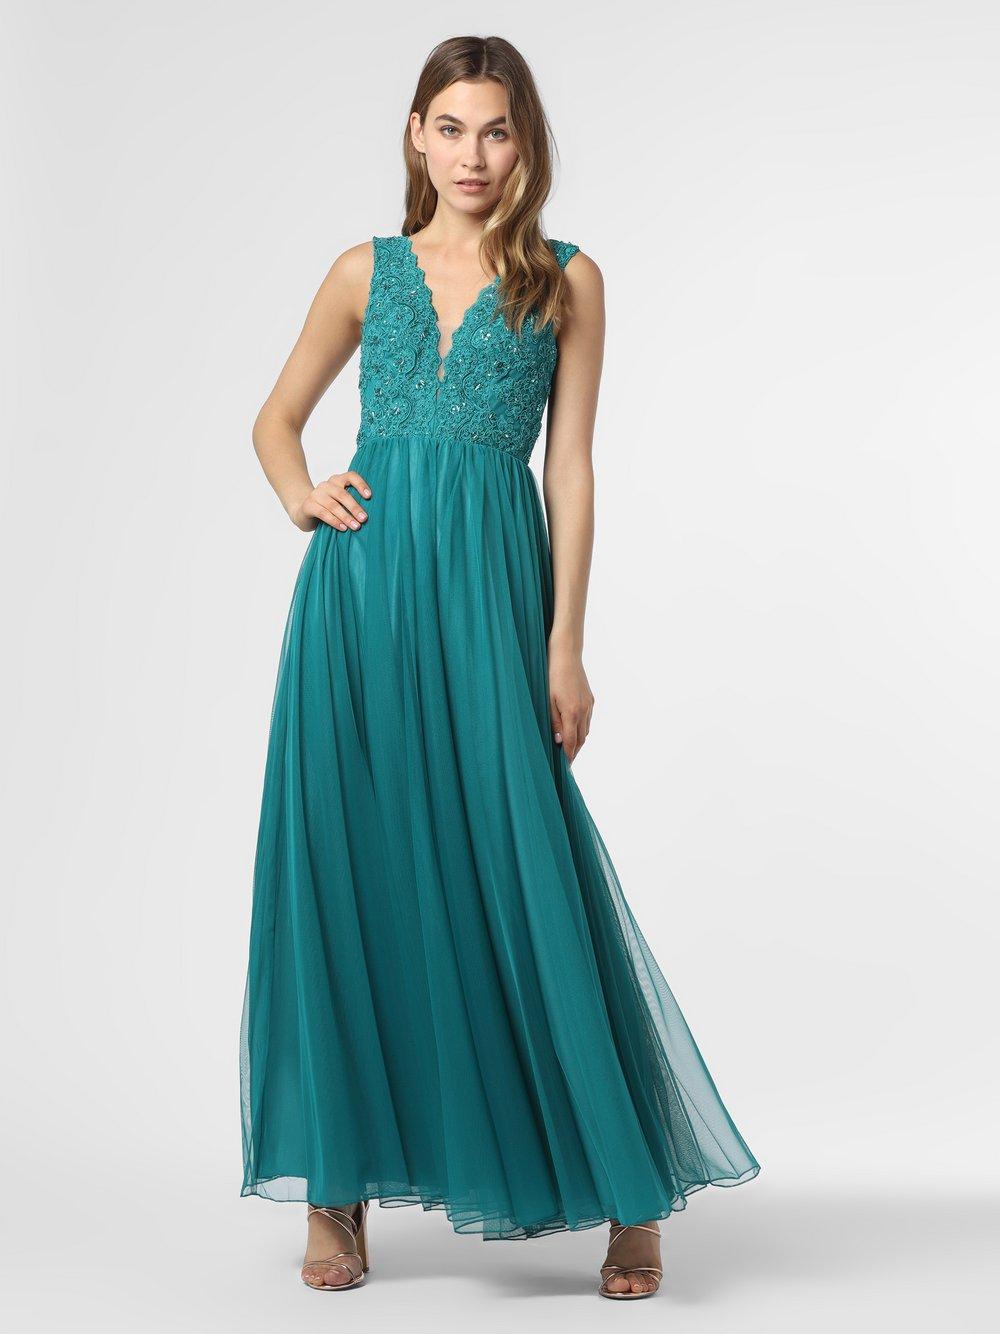 Laona – Damska sukienka wieczorowa, niebieski Van Graaf 484050-0001-00440